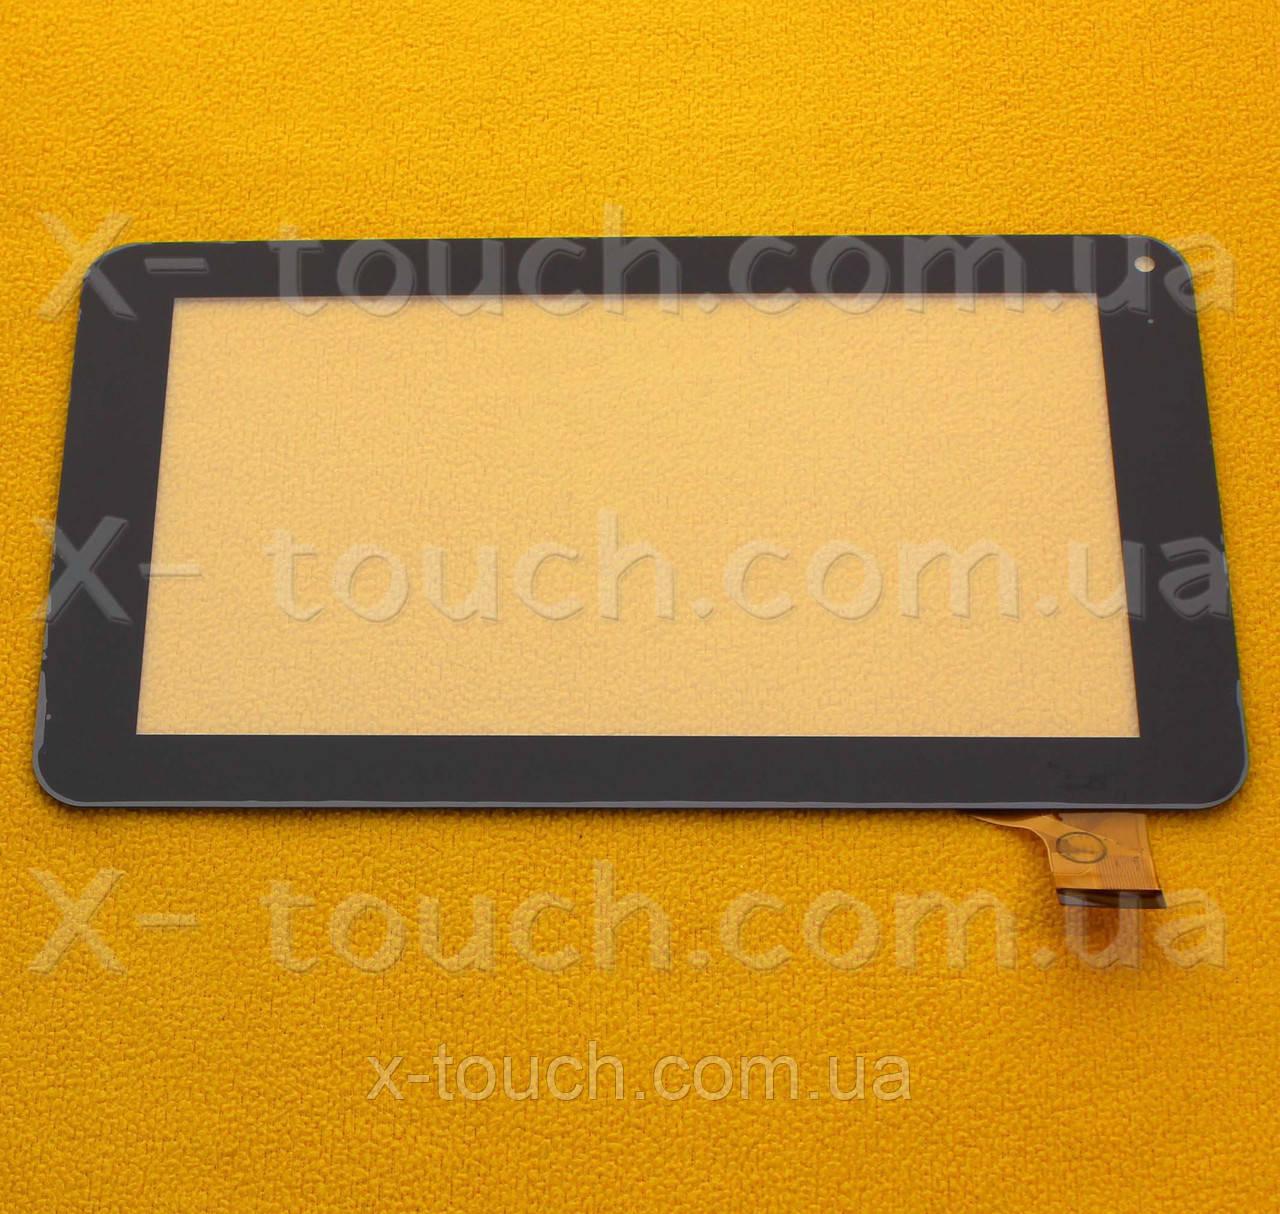 Тачскрин, сенсор YJ041FPC-V0 для планшета